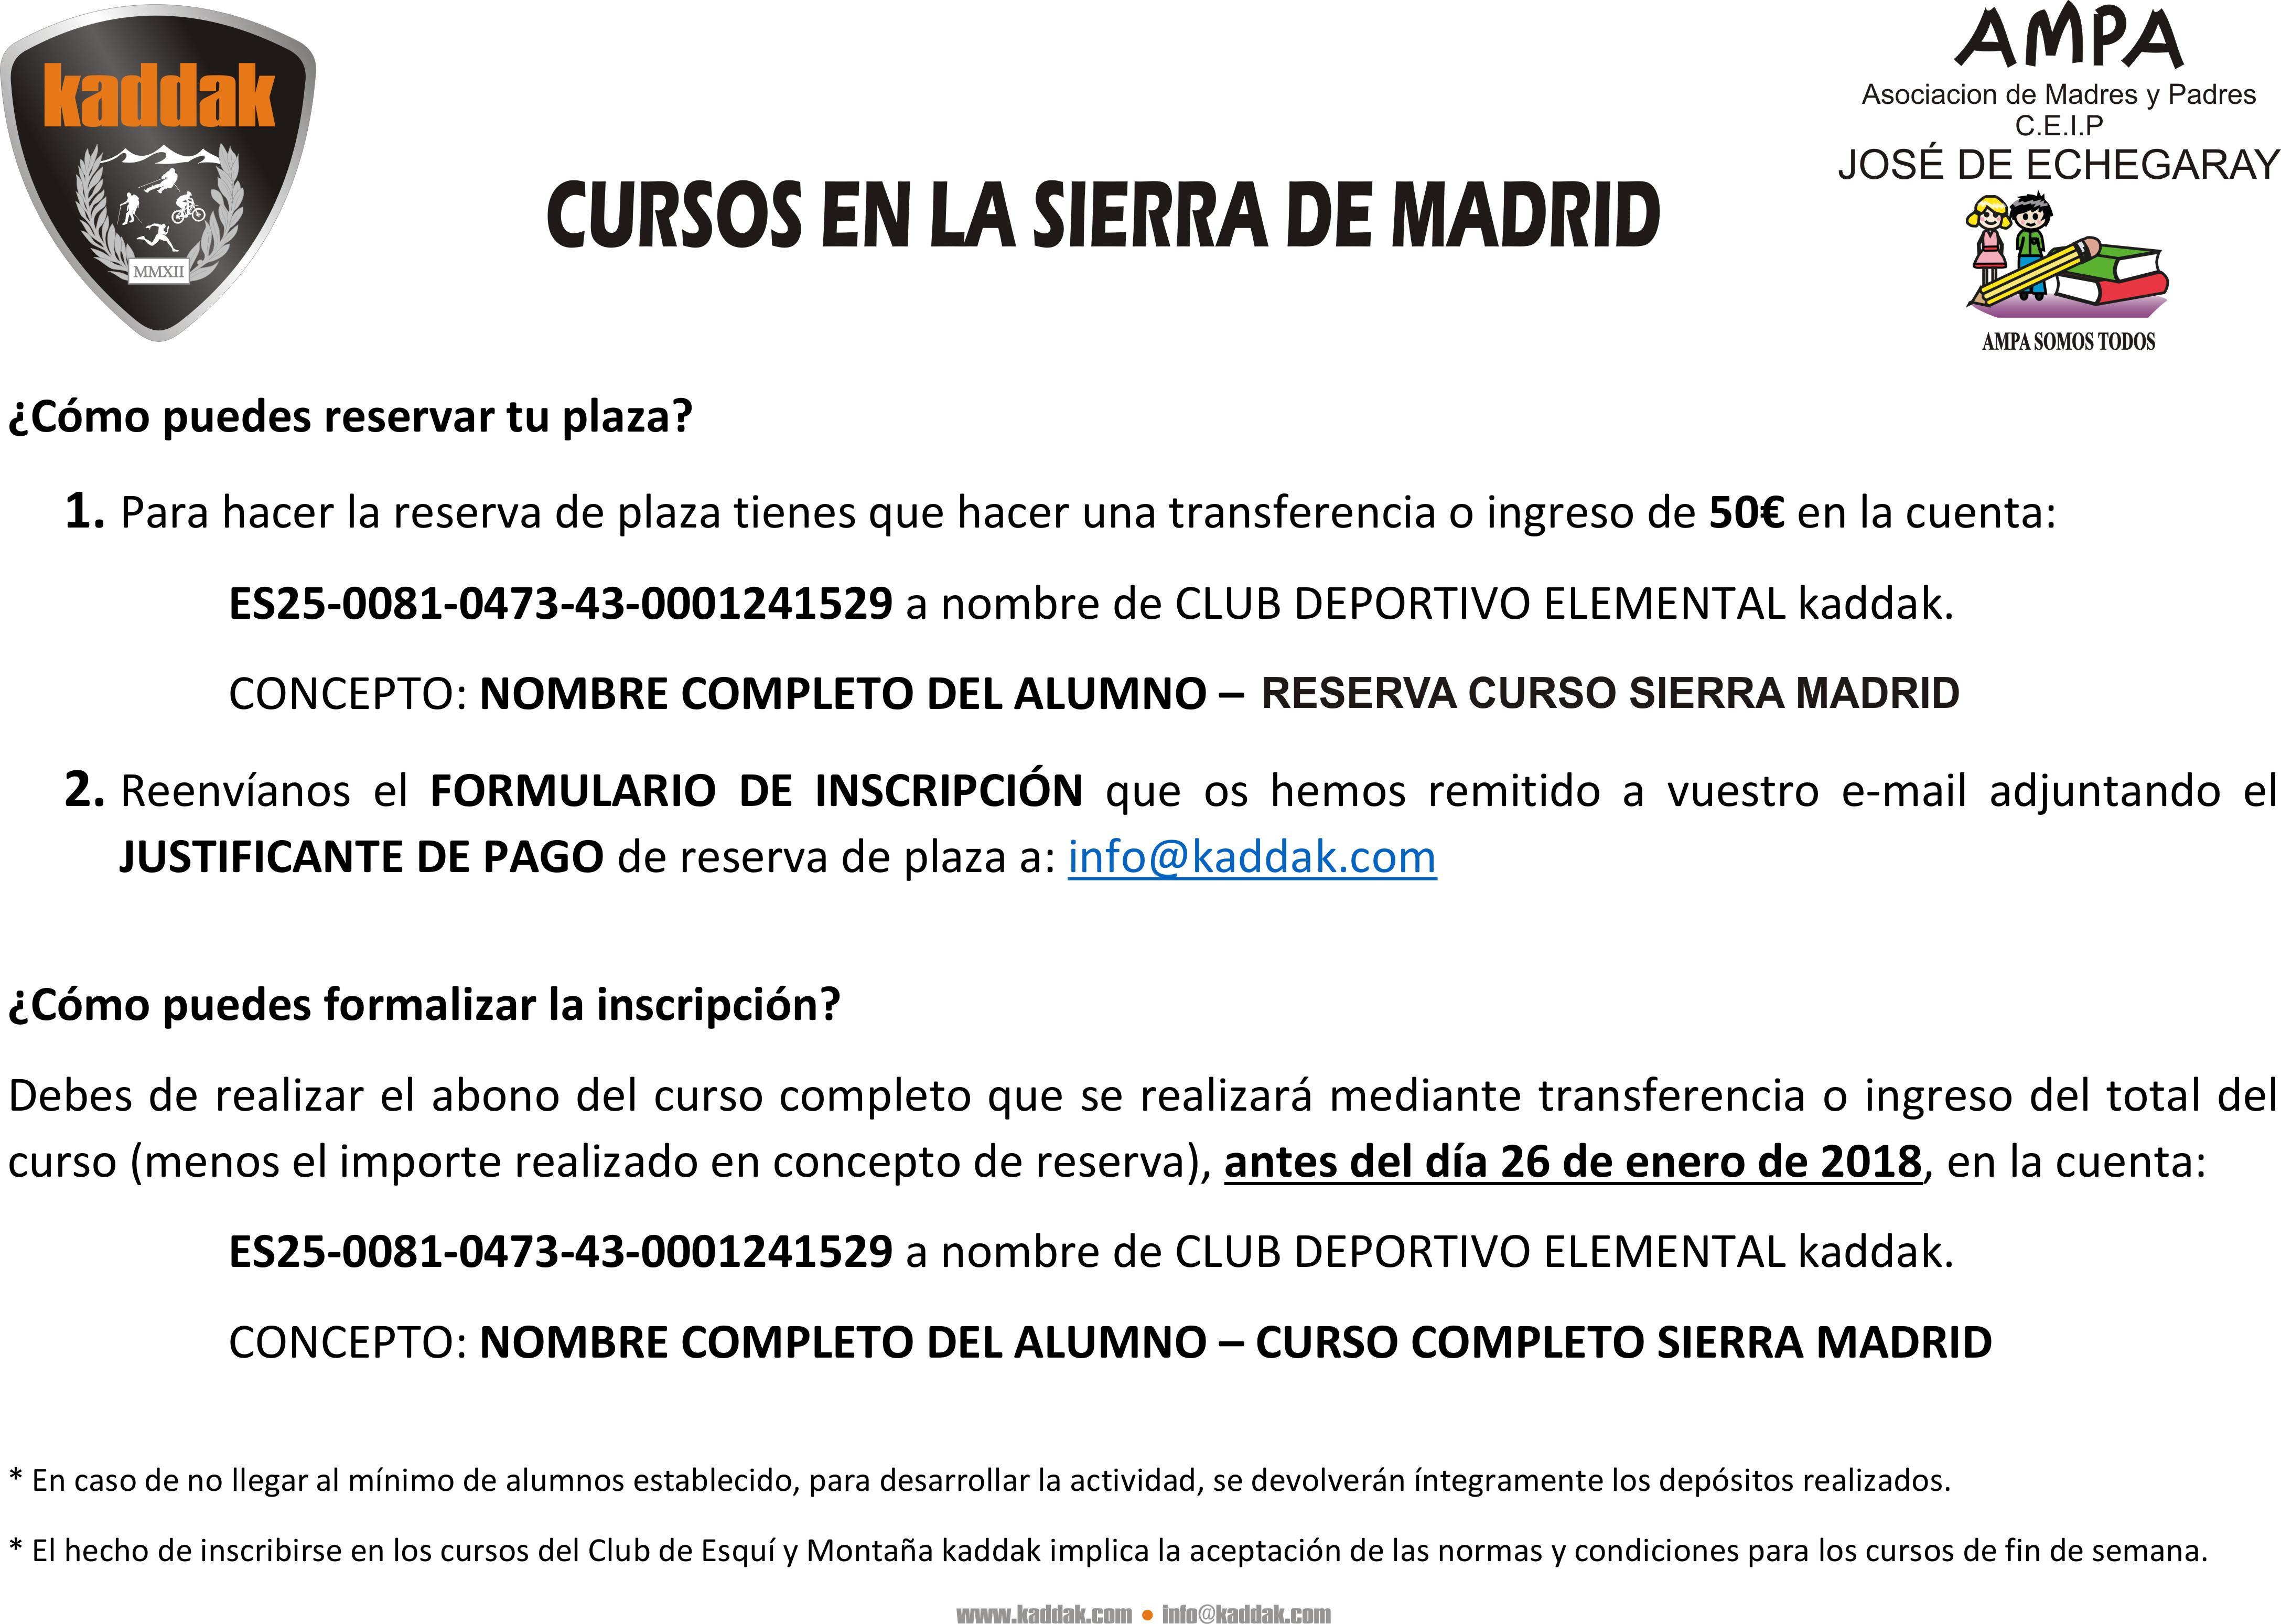 Cursos en la sierra de madrid for Curso de escaparatismo madrid